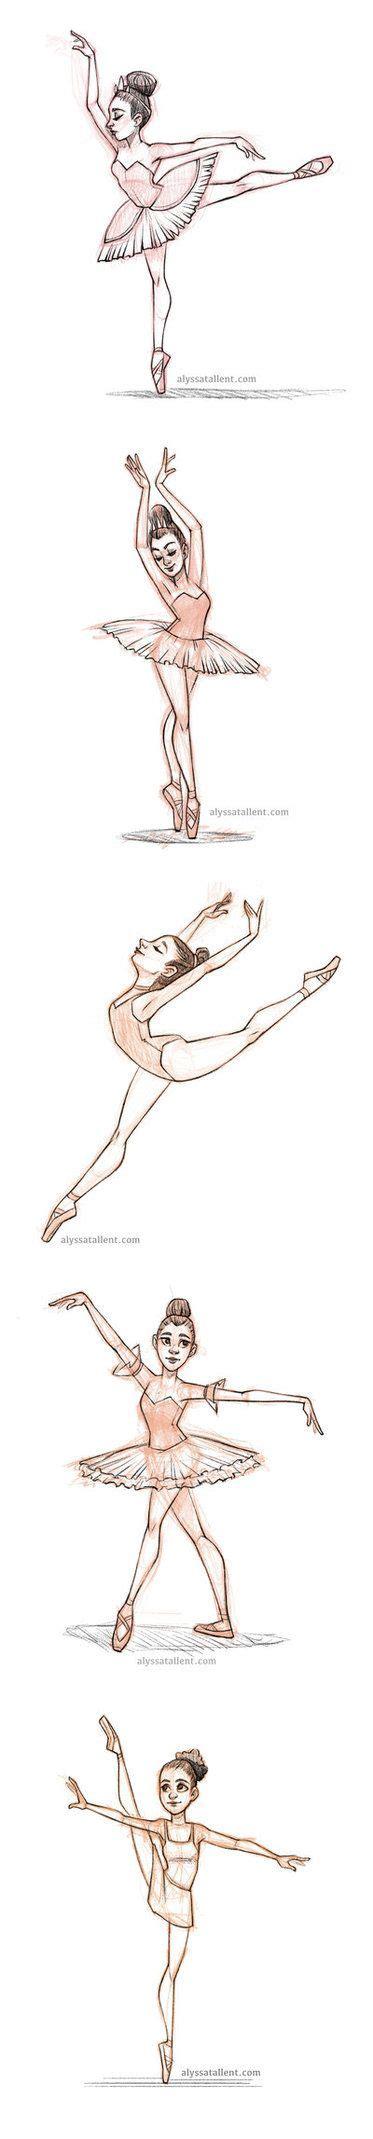 Ballerina Poses Drawing 25 best ideas about ballerina illustration on